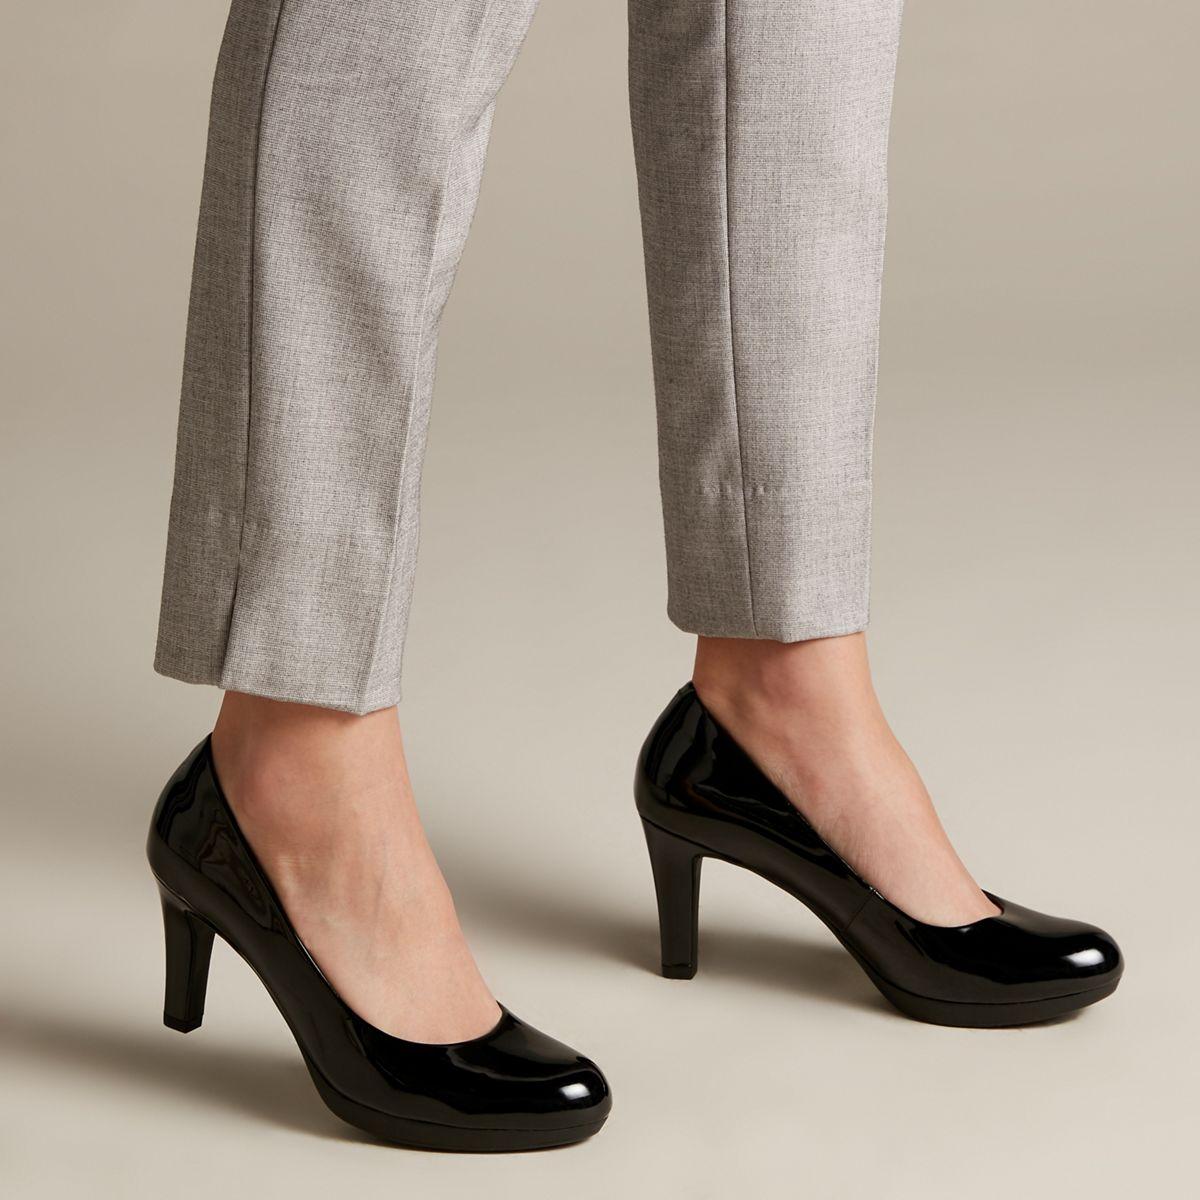 Clarks Damen Adriel Viola Pumps, Schwarz (Black Leather